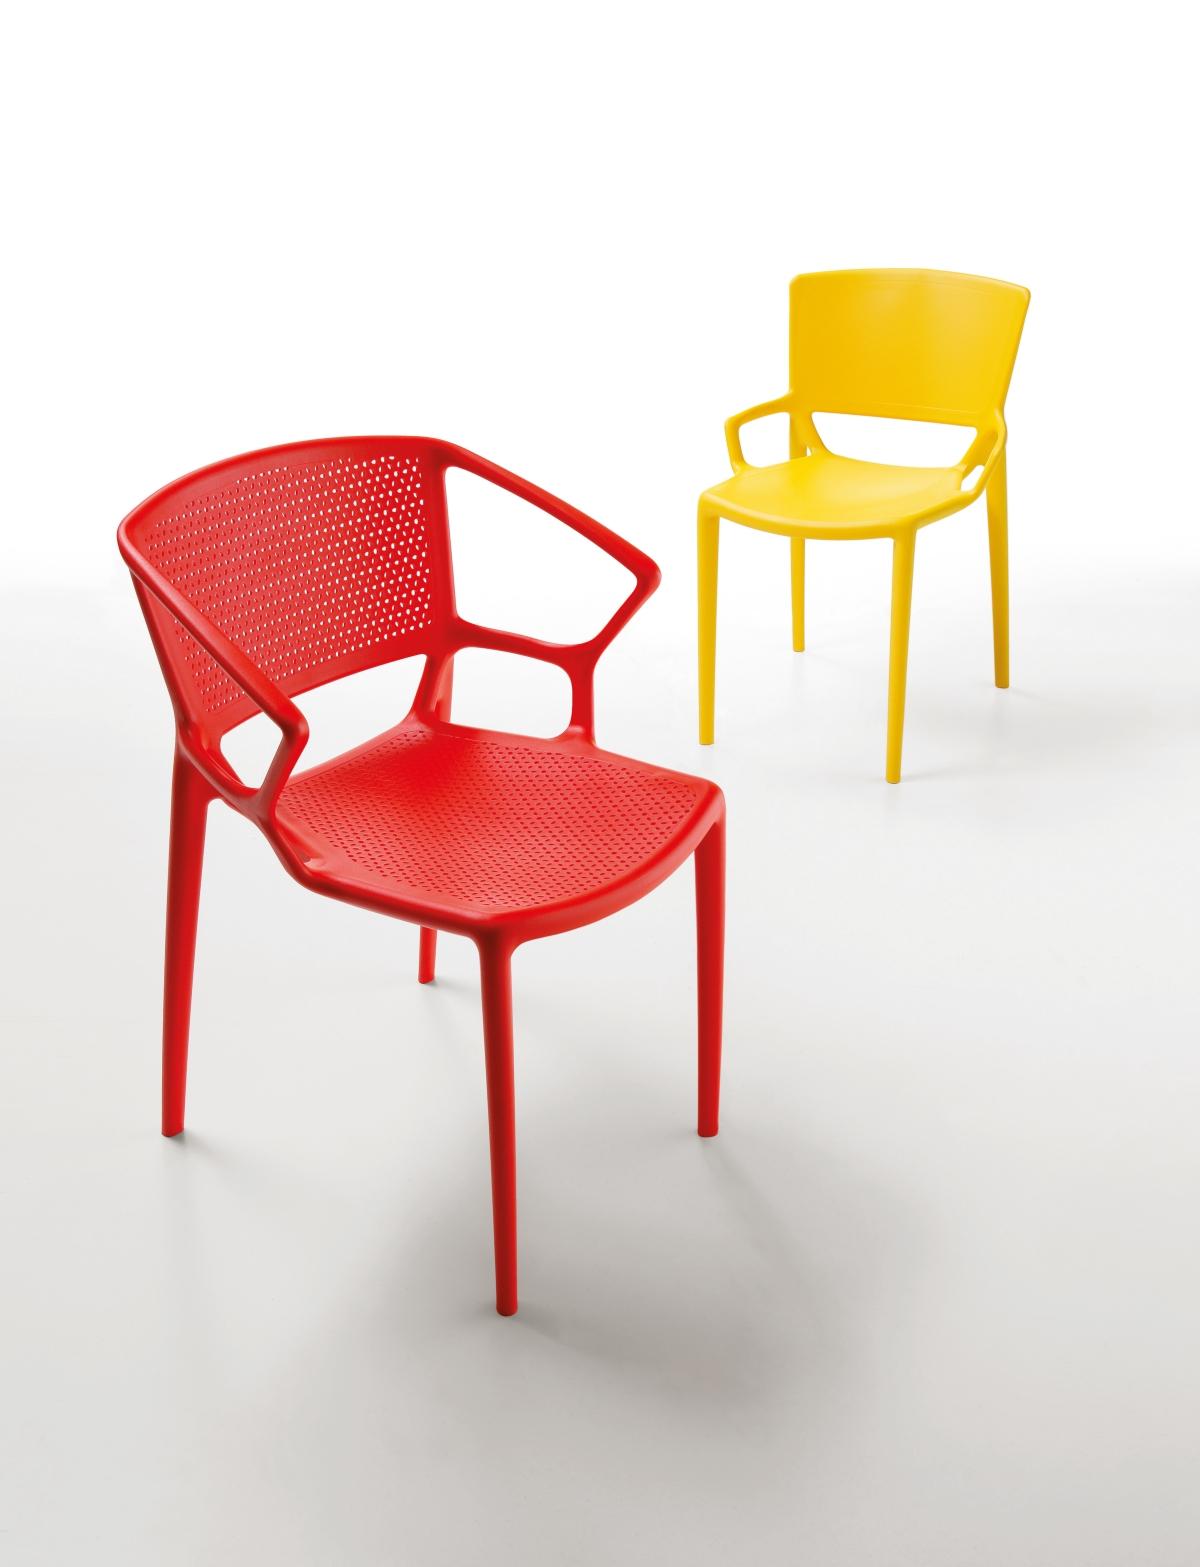 インフィニティデザインの椅子Fiorellina